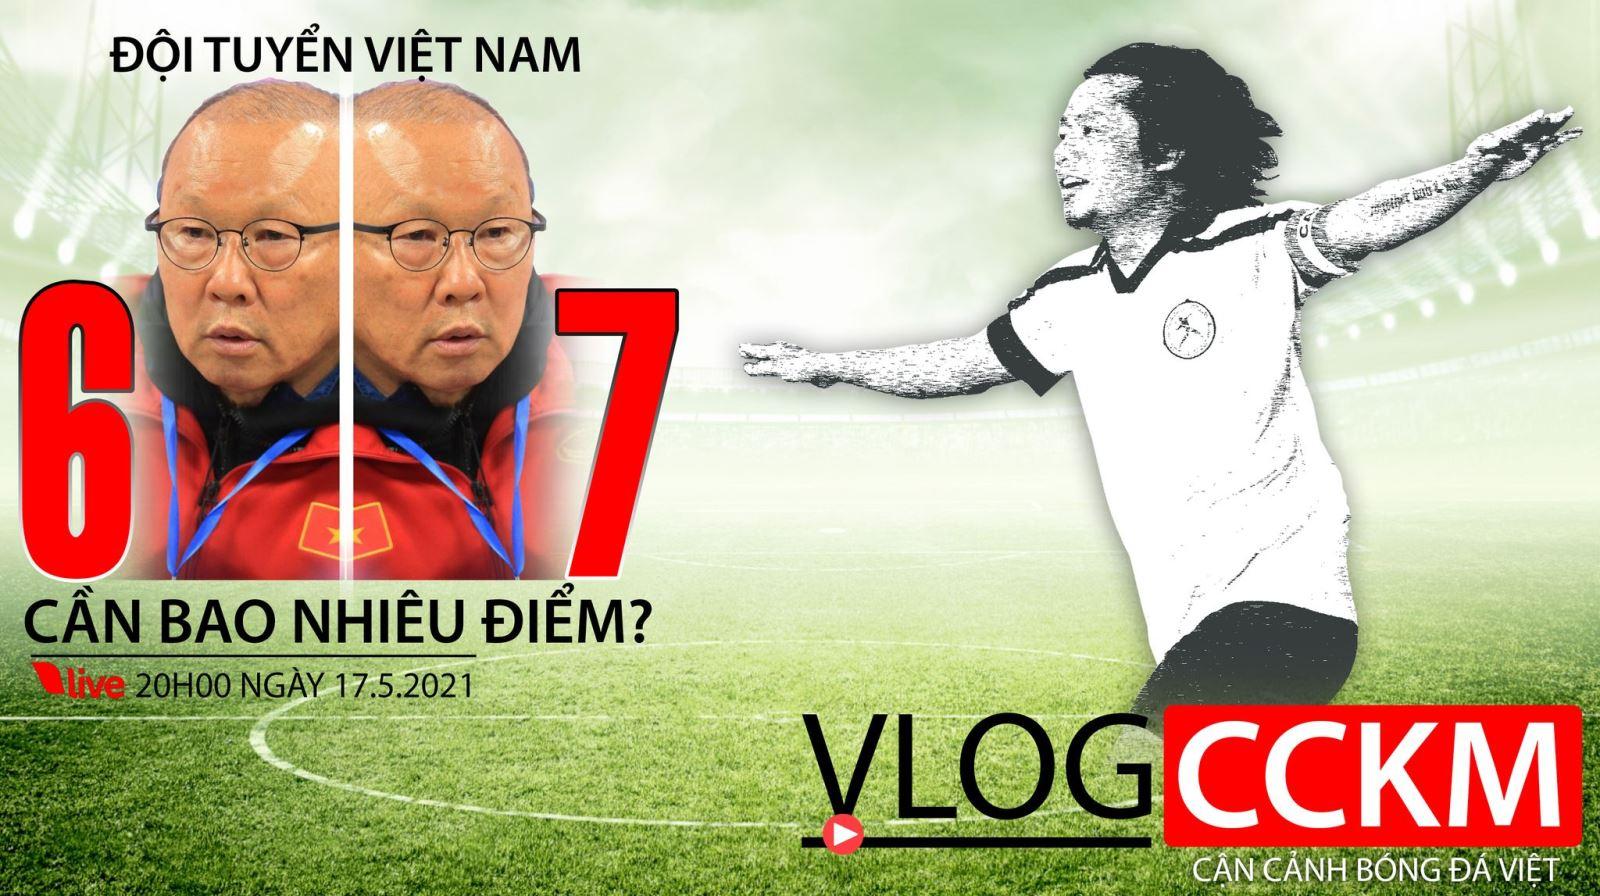 Vlog, CCKM, trần hải, park hang seo, bóng đá việt, vòng loại world cup, tuyển việt nam